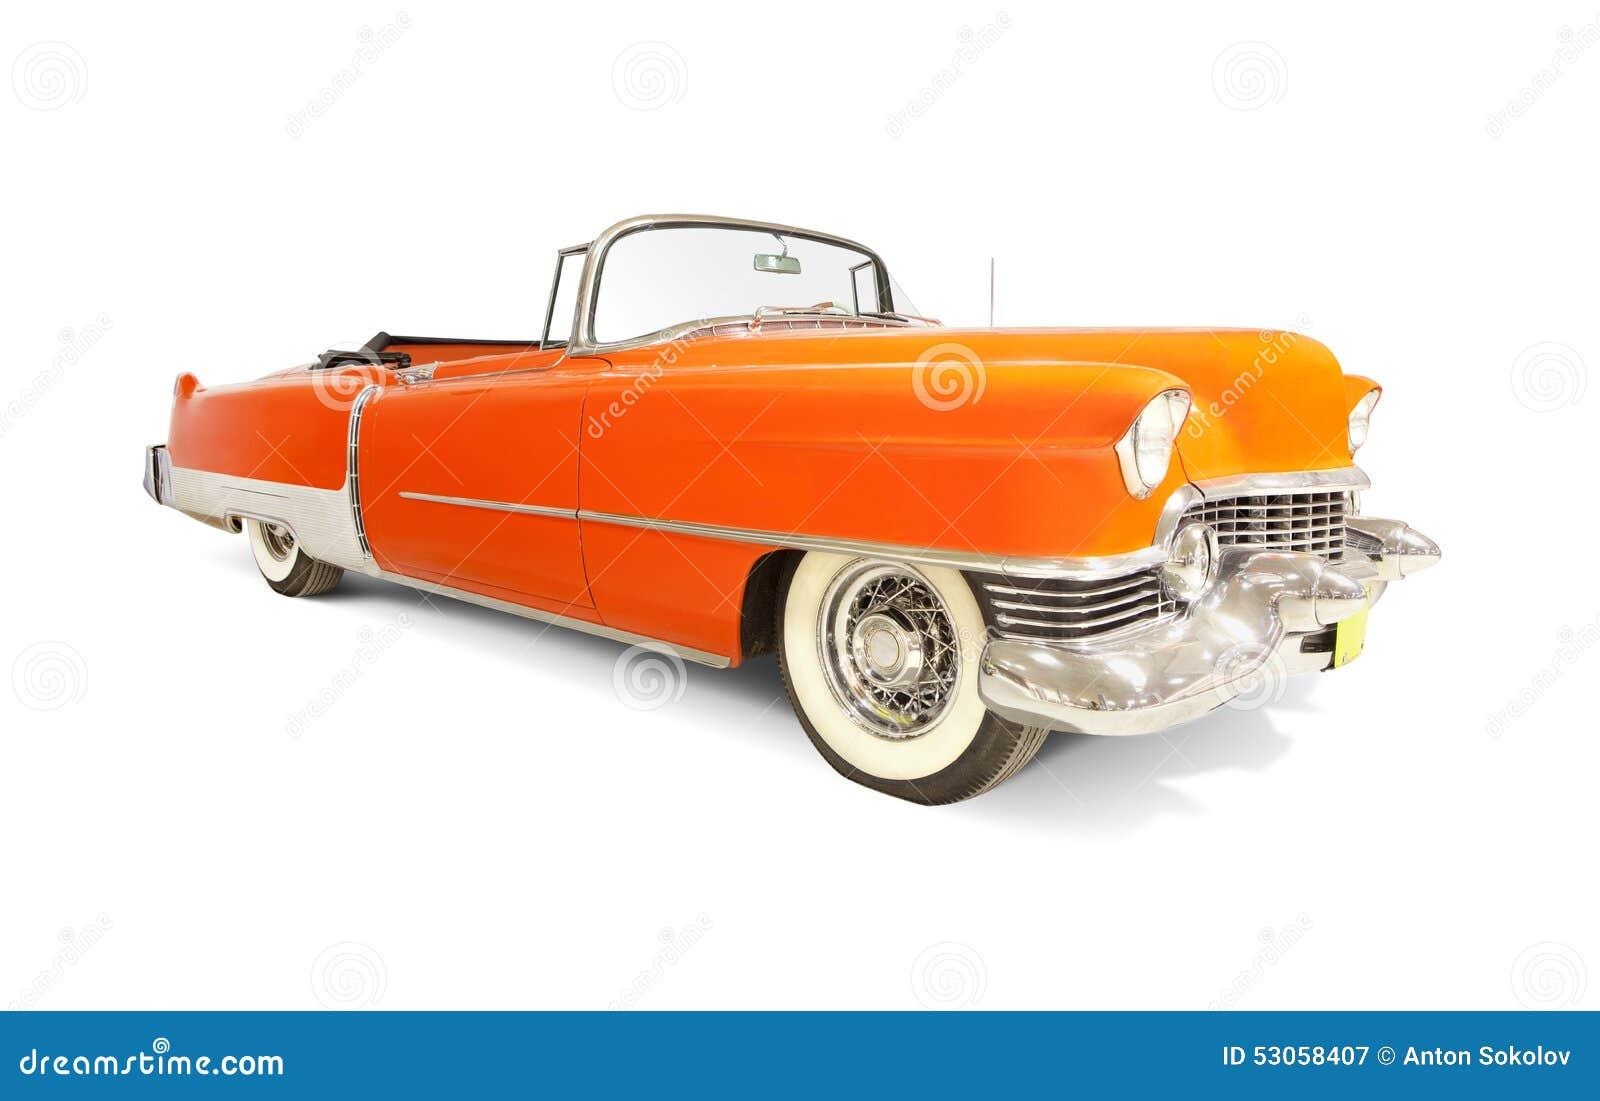 Cadillac Eldorado 1954 Stock Image Of Isolated 53058407 El Dorado